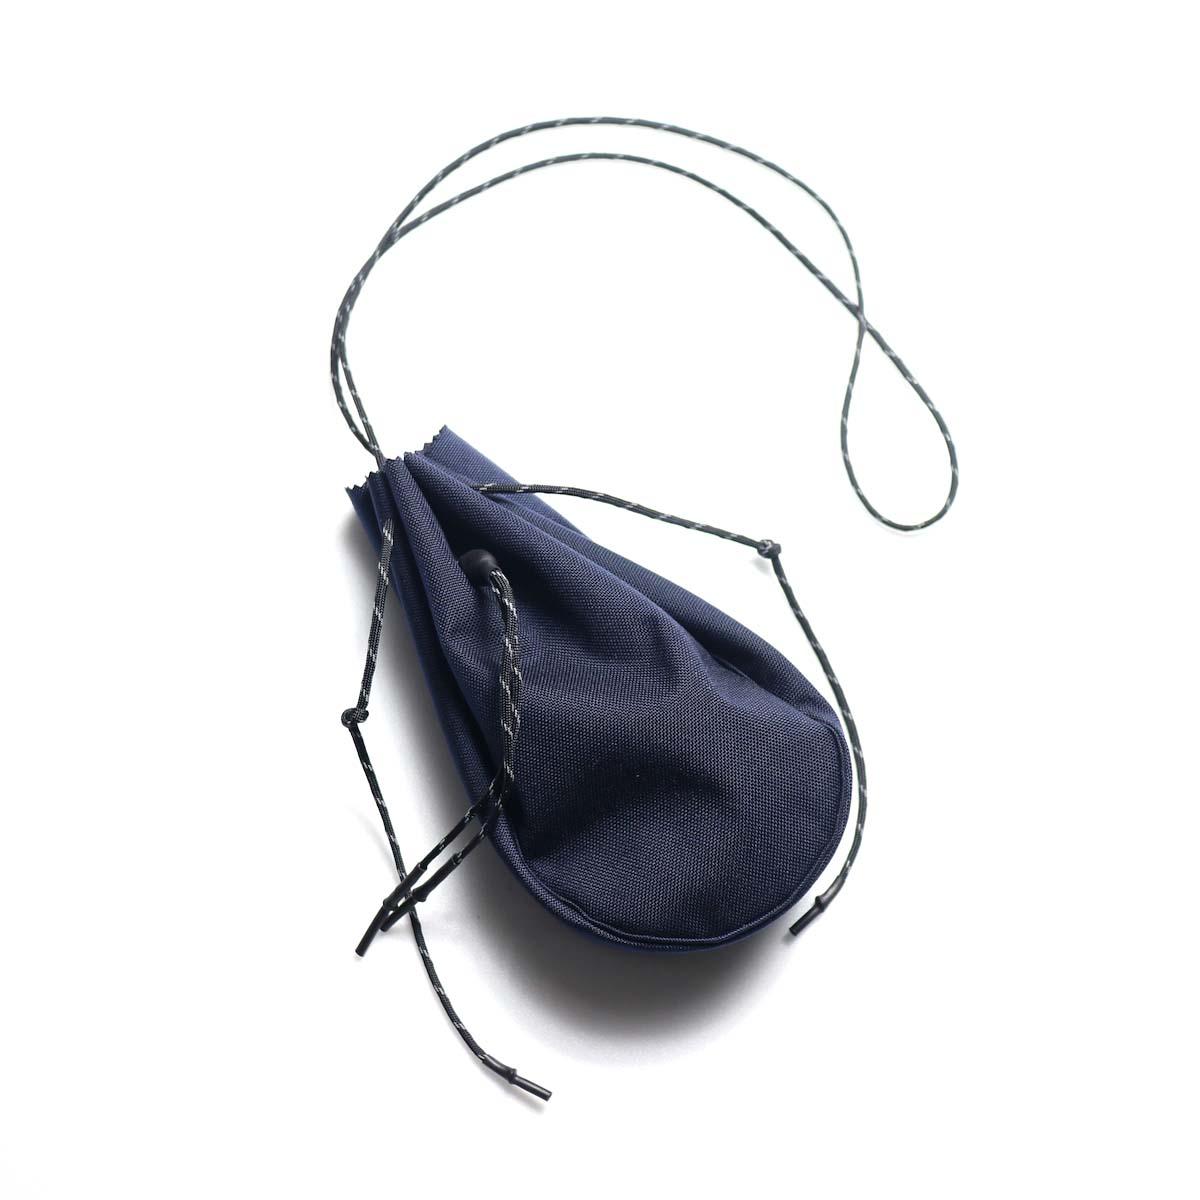 吉岡衣料店 / drawstring bag -S-. (Navy)